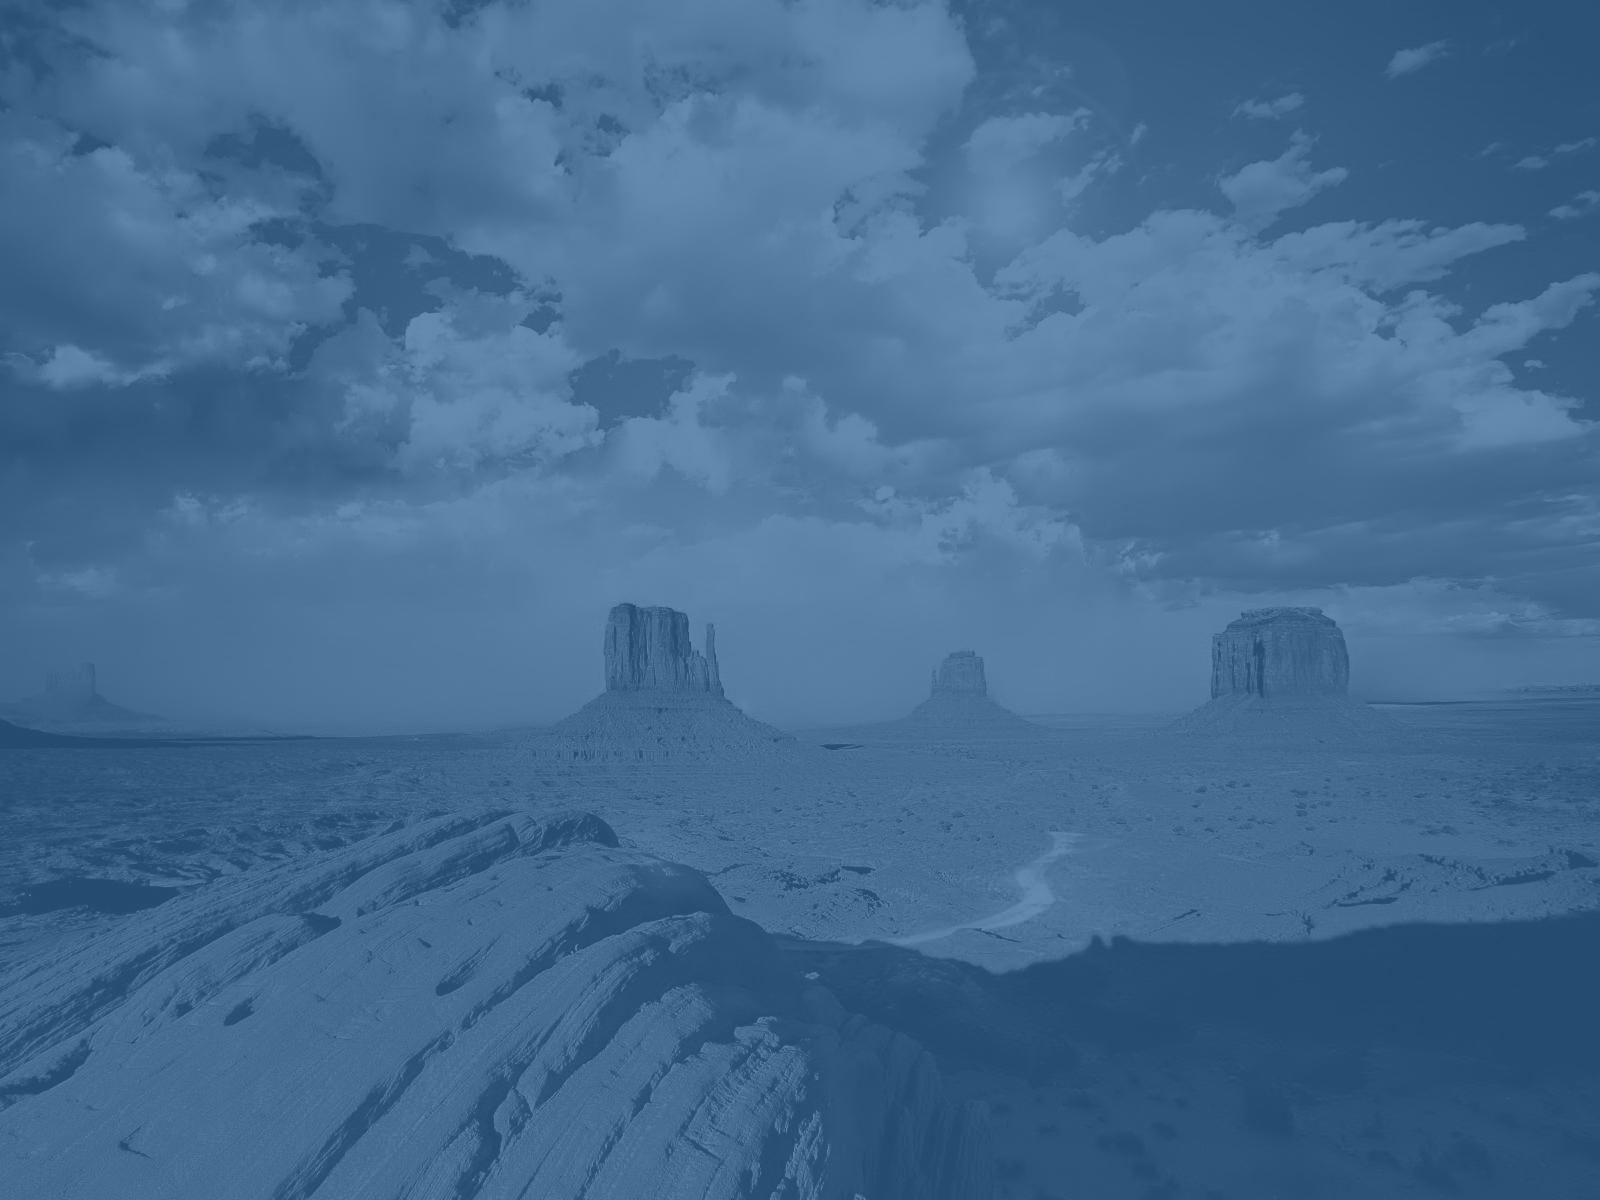 Se perdre dans le désert - Avantages et inconvénients CZMoDk